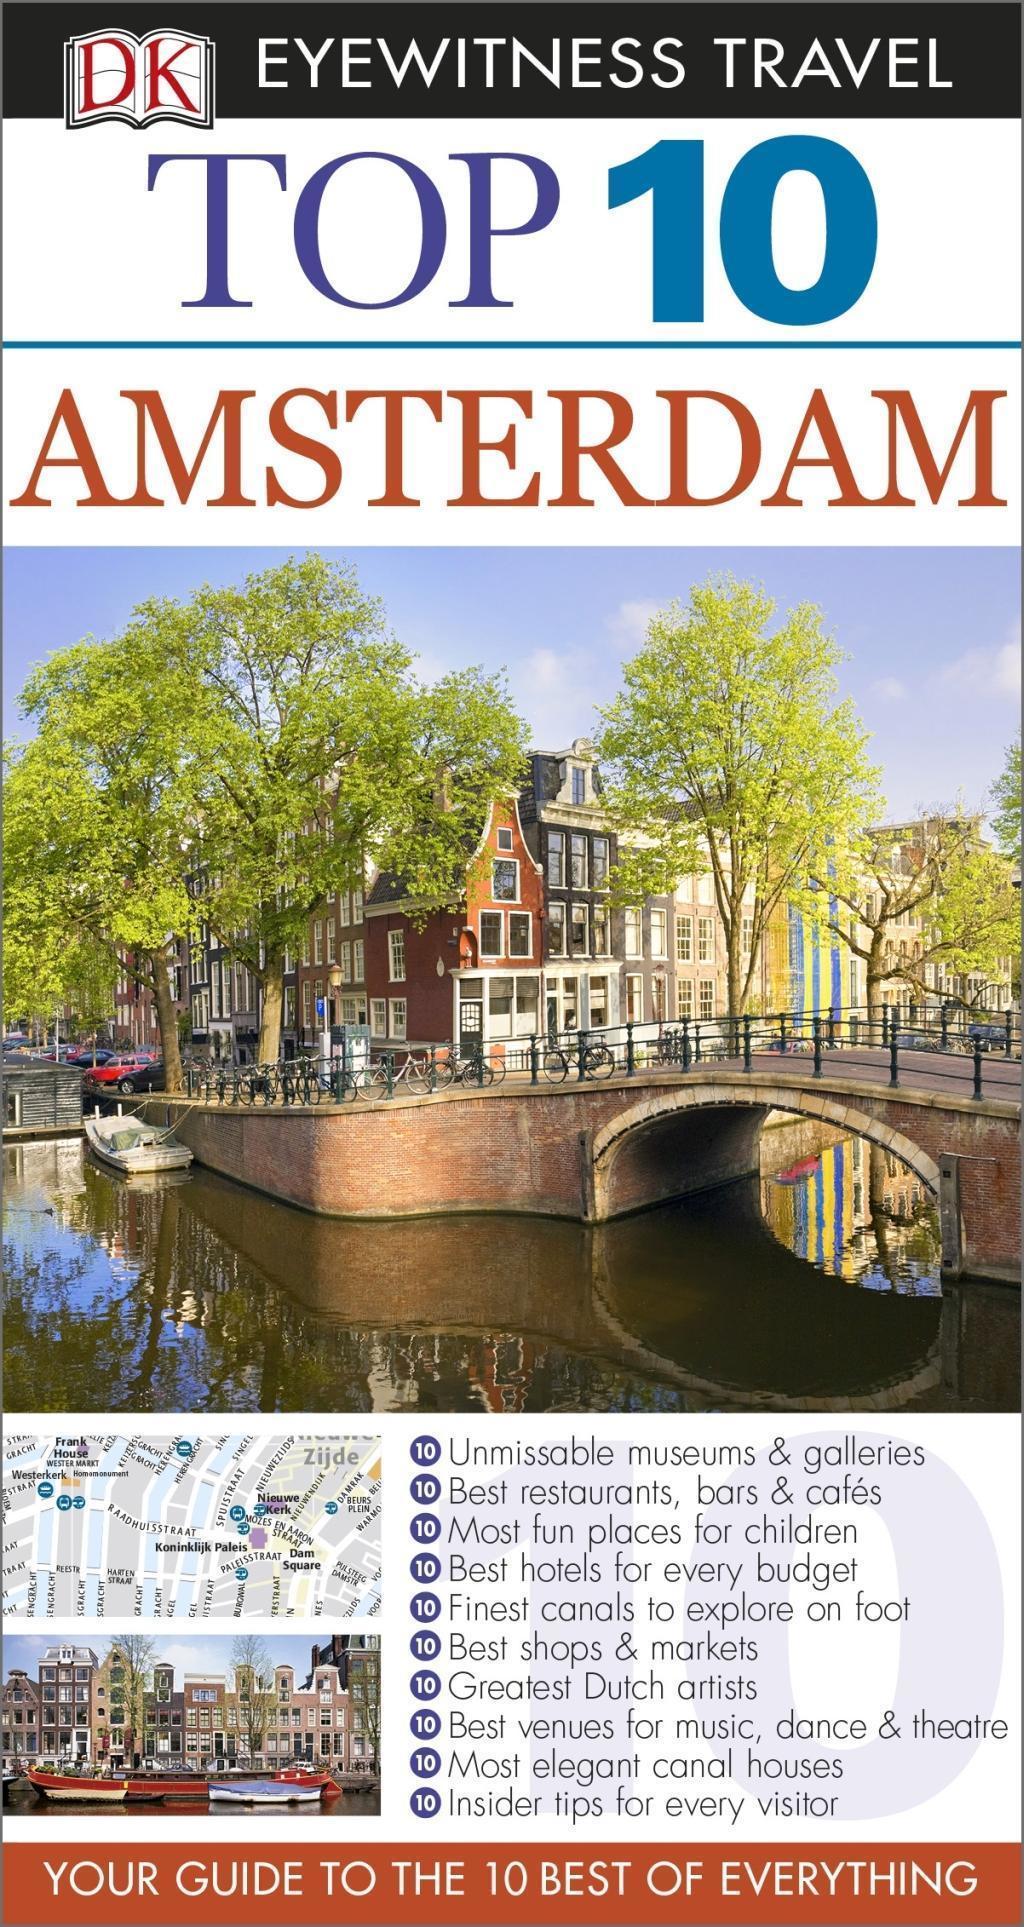 DK Eyewitness Top 10 Travel Guide Amsterdam